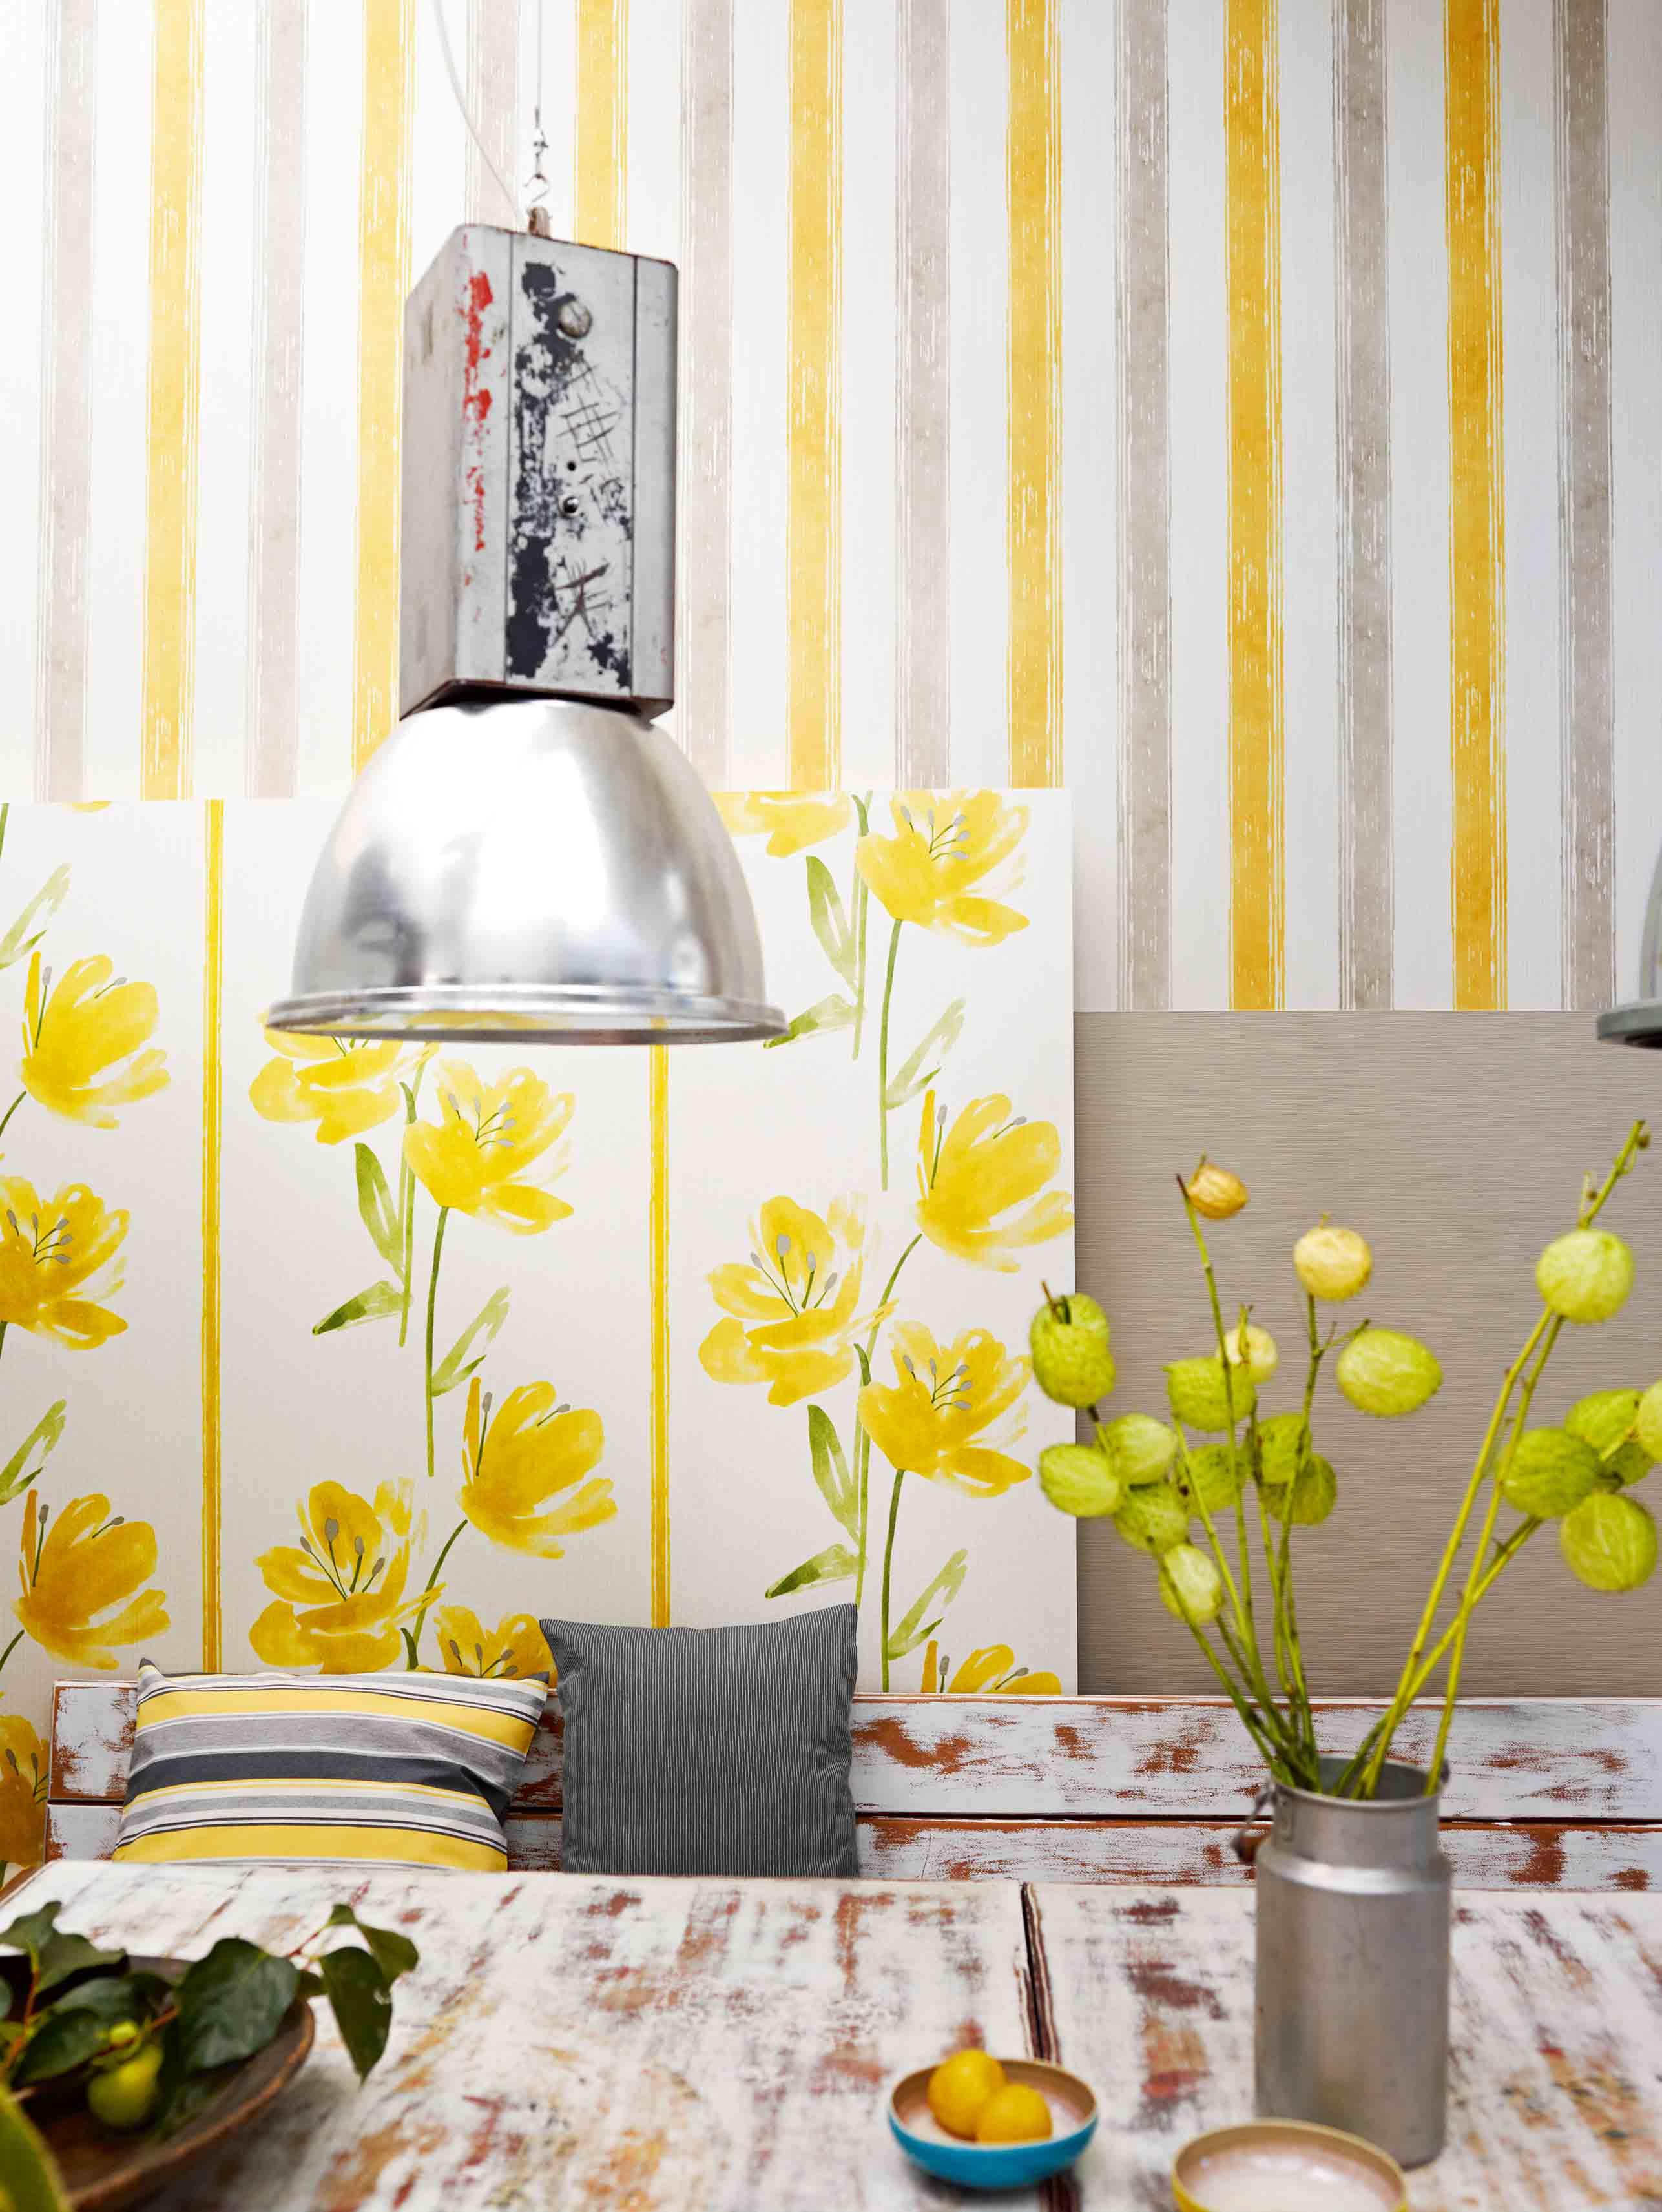 decoración fresca y original de un comedor decorado en estilo vintage, papel pintado rayas en amarillo, gris y blanco